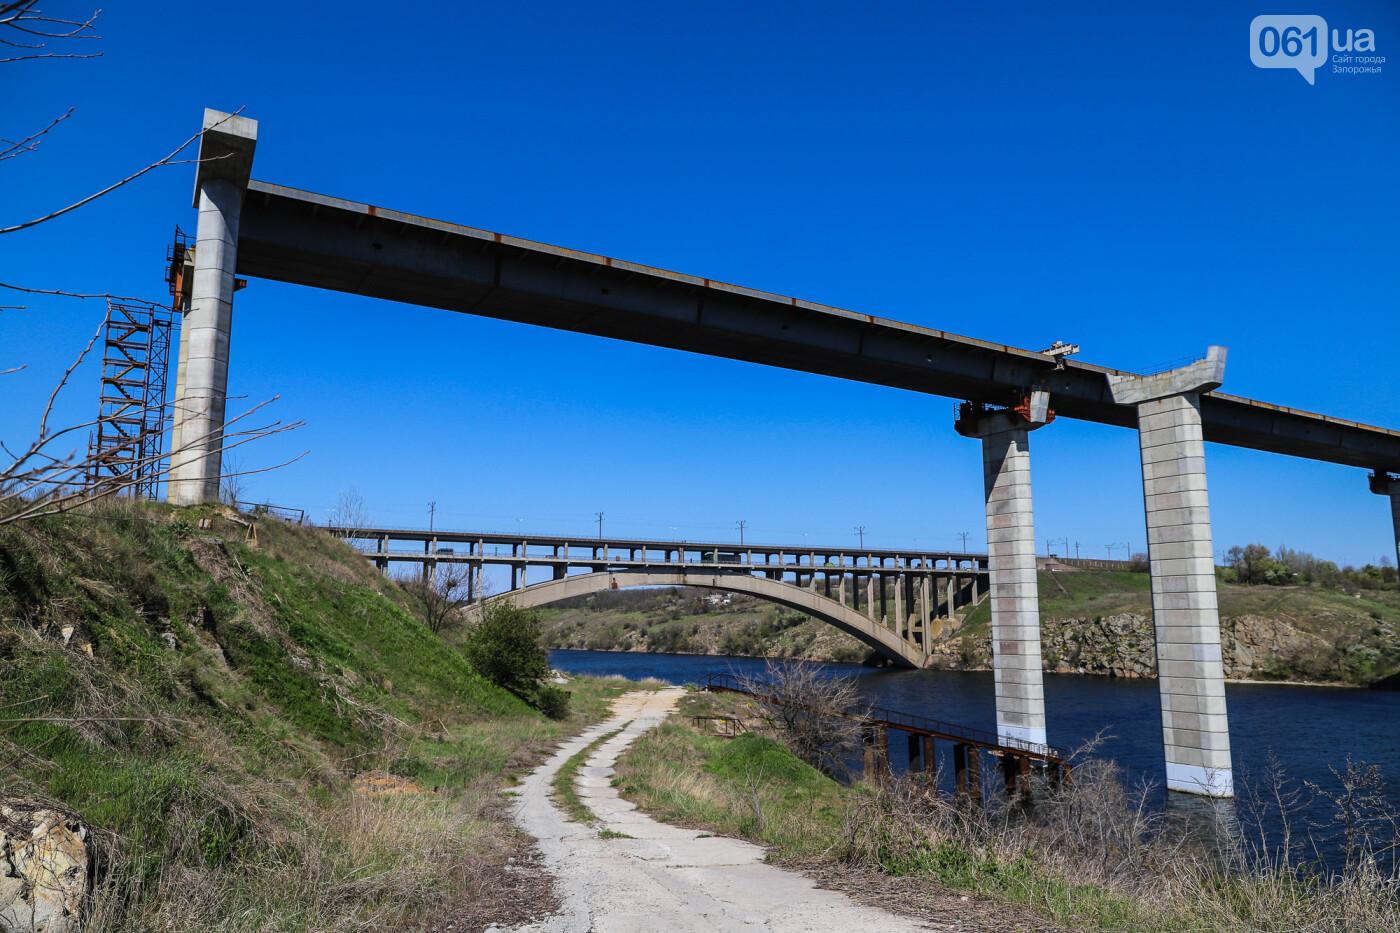 На запорожские мосты выделено 2,7 миллиарда: что сейчас проиходит стройплощадке, - ФОТОРЕПОРТАЖ, фото-35